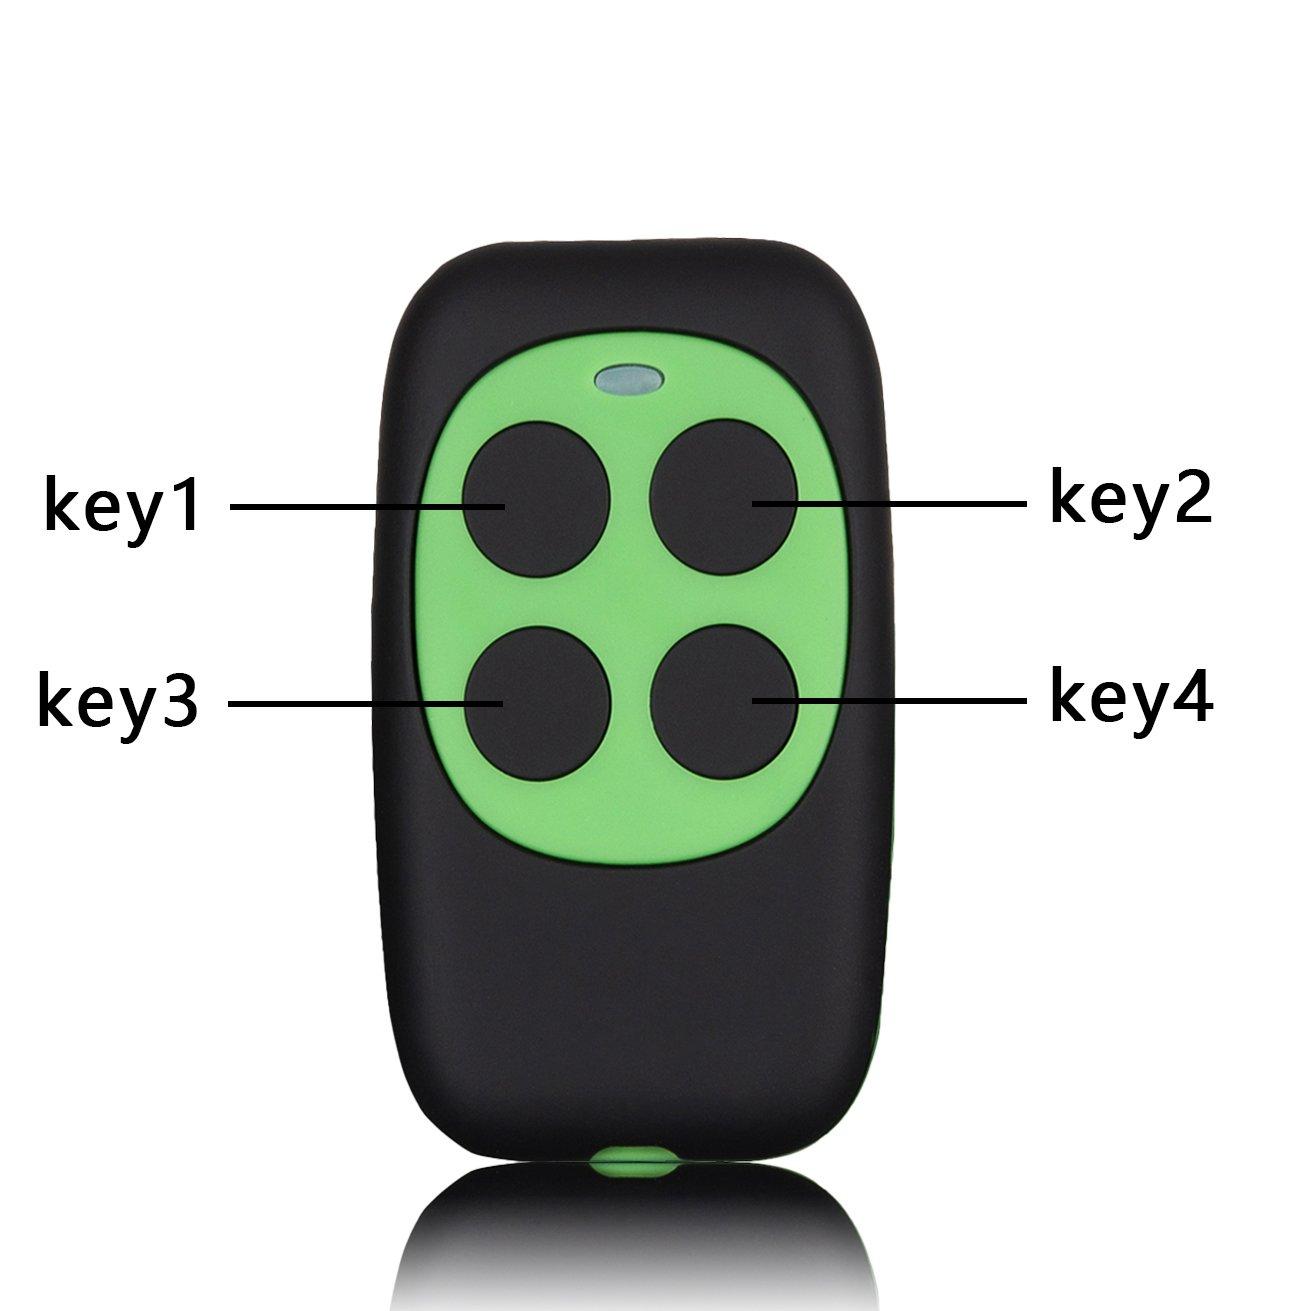 xihada固定コード、ローリングコードガレージドアリモートコントローラDuplicator/リモートキーレスキーマルチ周波数280 mhz-350mhz/380mhz-450mhz/867mhz-868mhzカラーブラックとグリーン B07CYP2W3F 18041